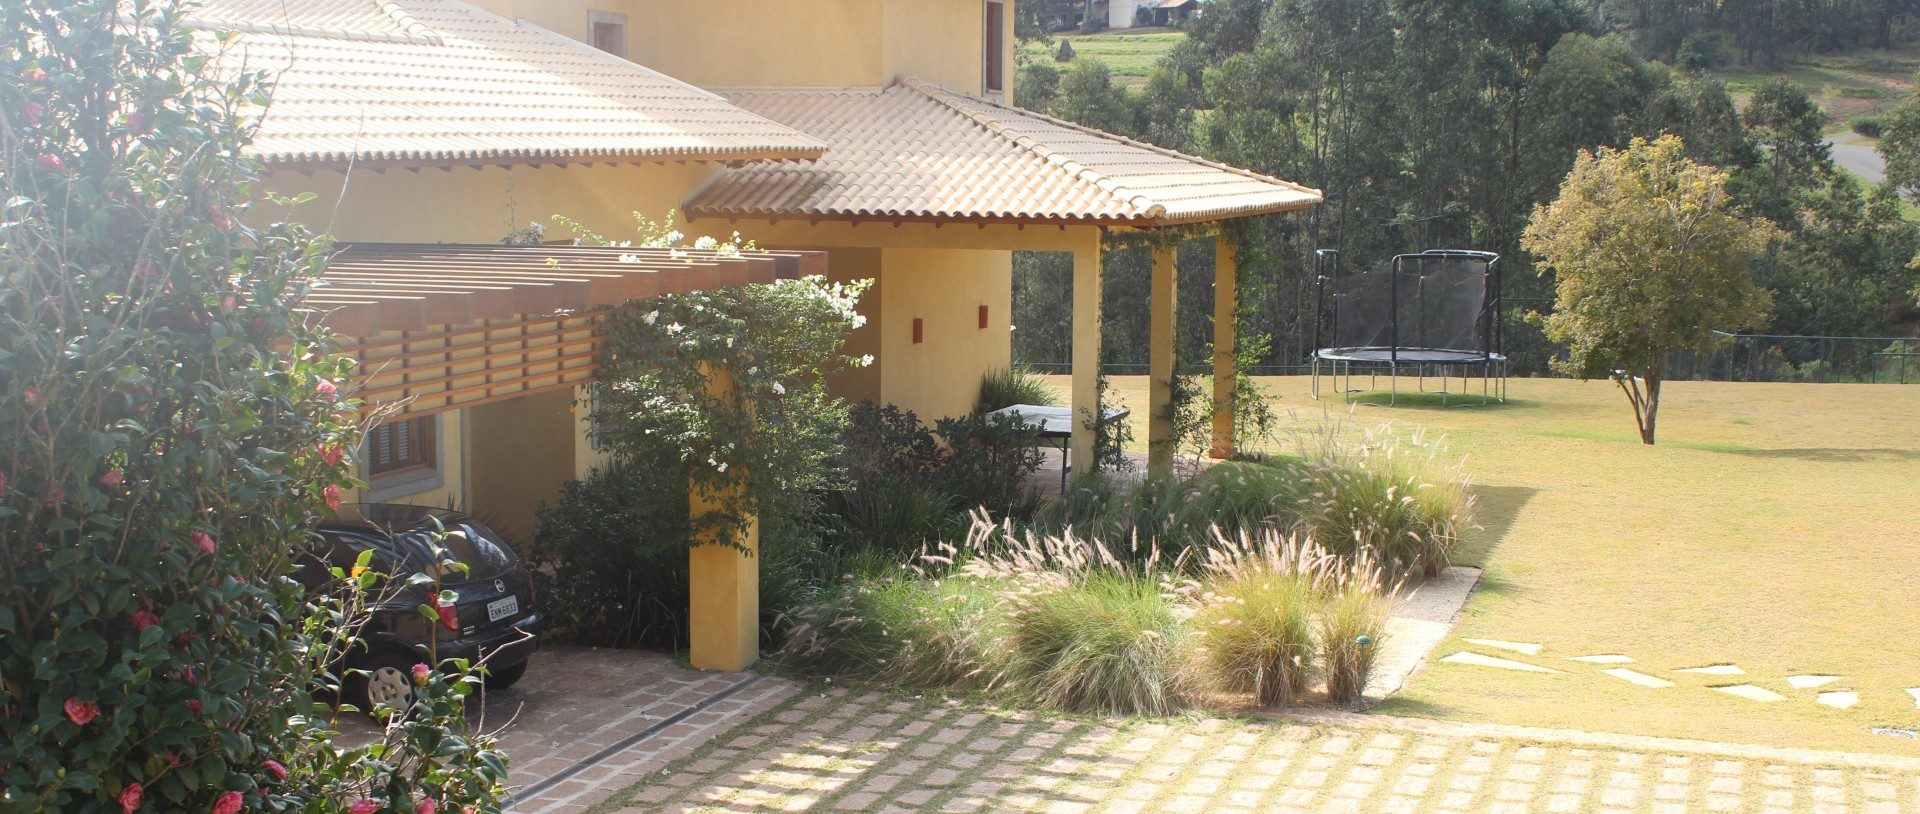 ef arquitetura arquitetura e construção praça joaquim pinto de  #9A7E31 1920x814 Banheiro Arquitetura E Construção